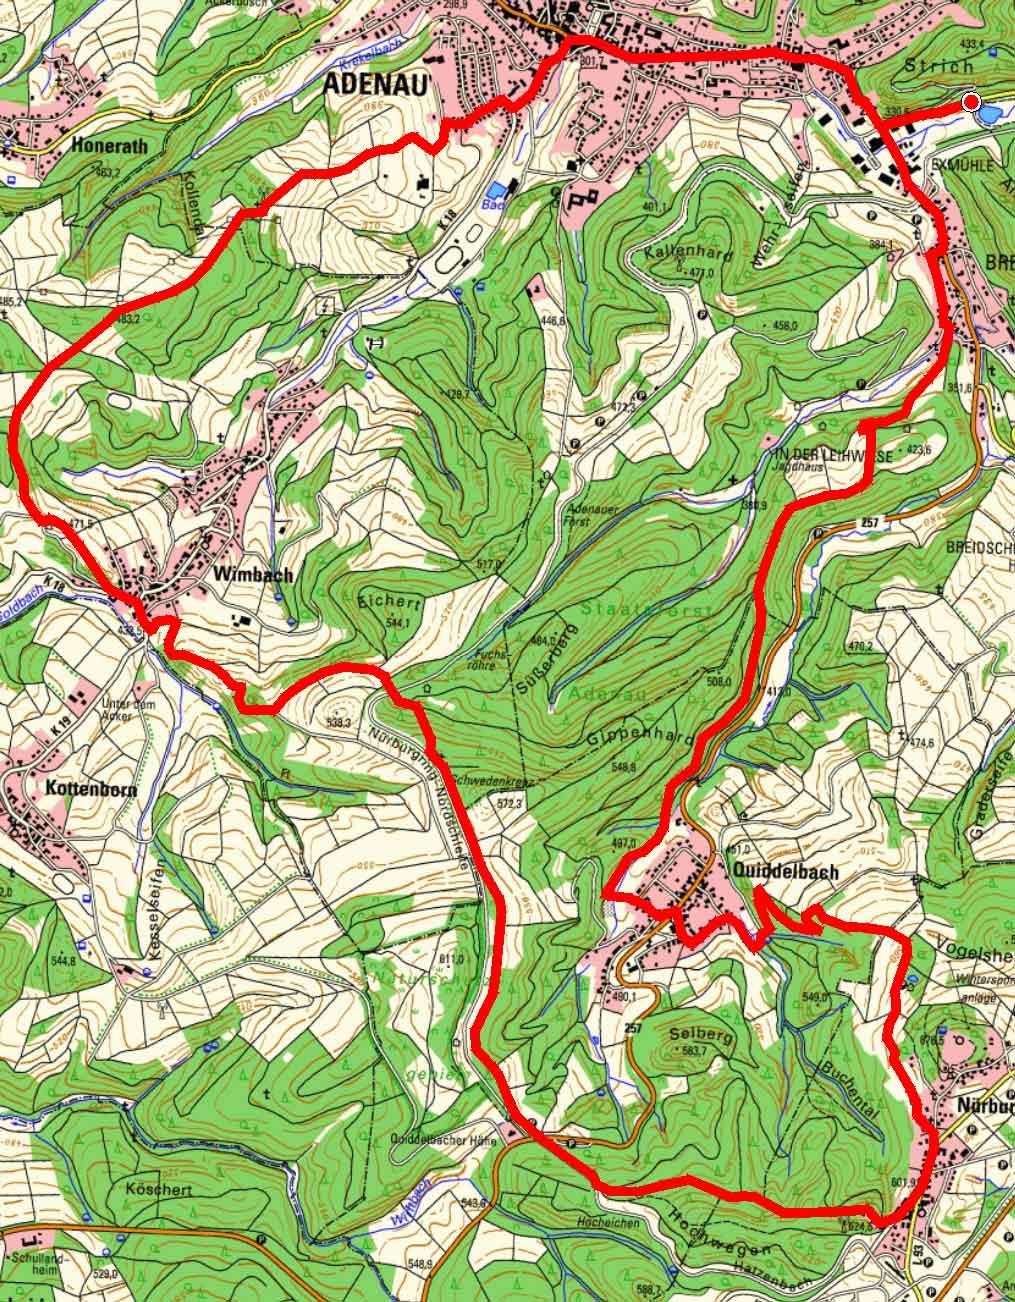 Wanderschoen Adenau